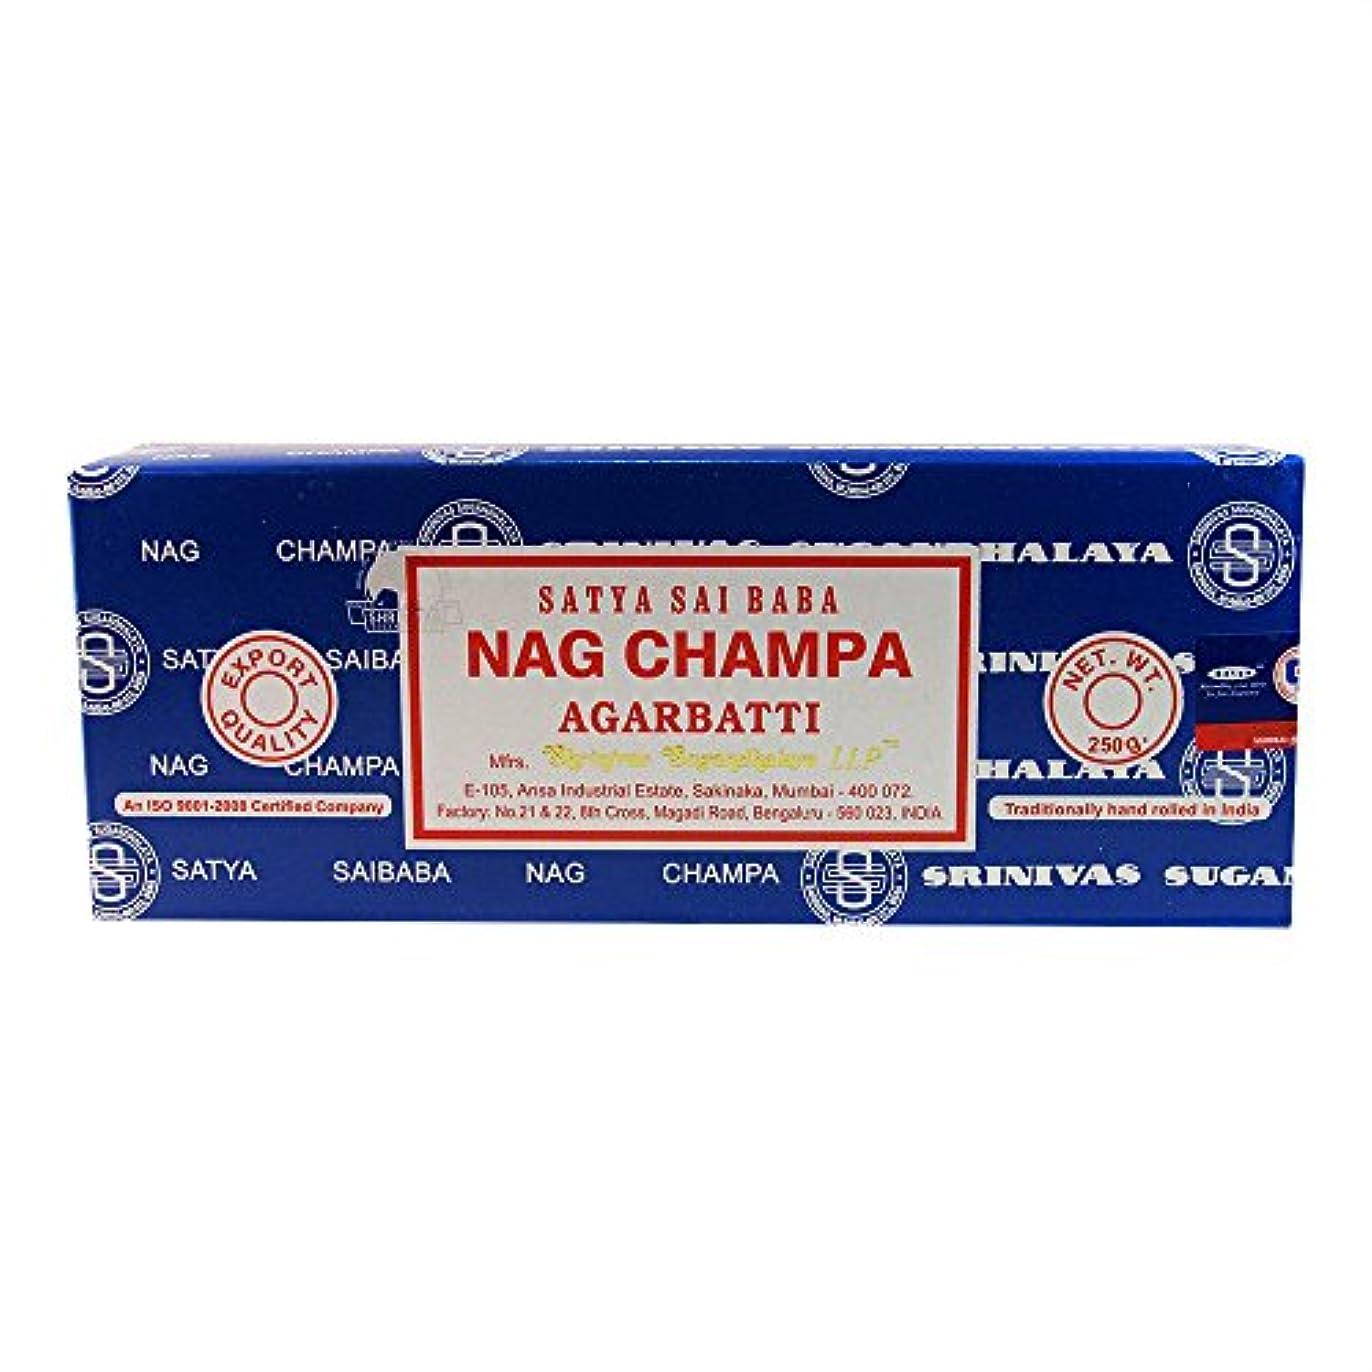 観客ちらつき出演者海外直送品Nag Champa Incense, 250 GRAMS by Sai Baba